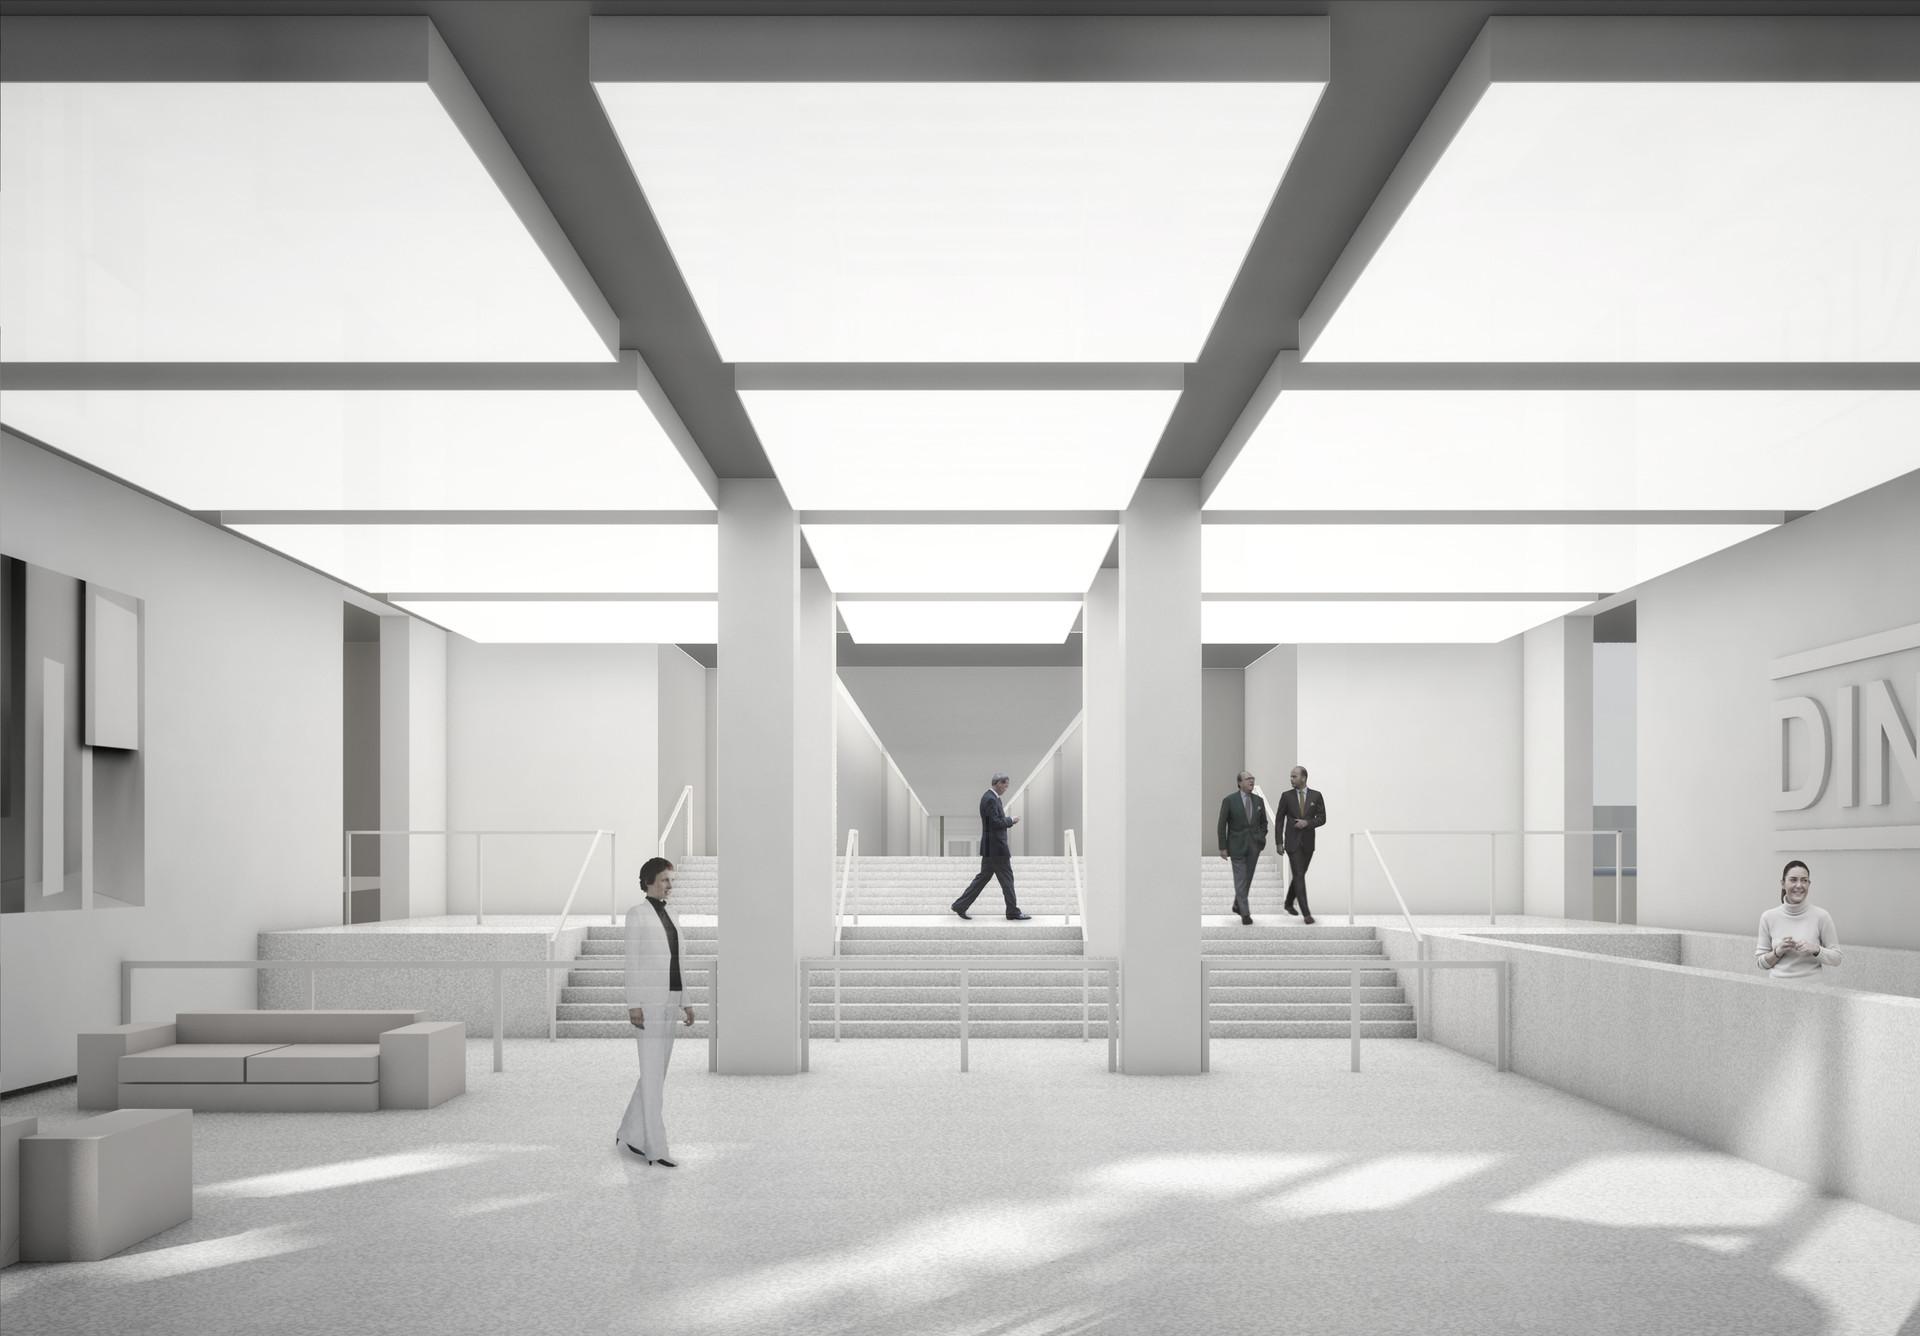 DIN - Gebäude Fassadenwettbewerb © Thomas Stadler